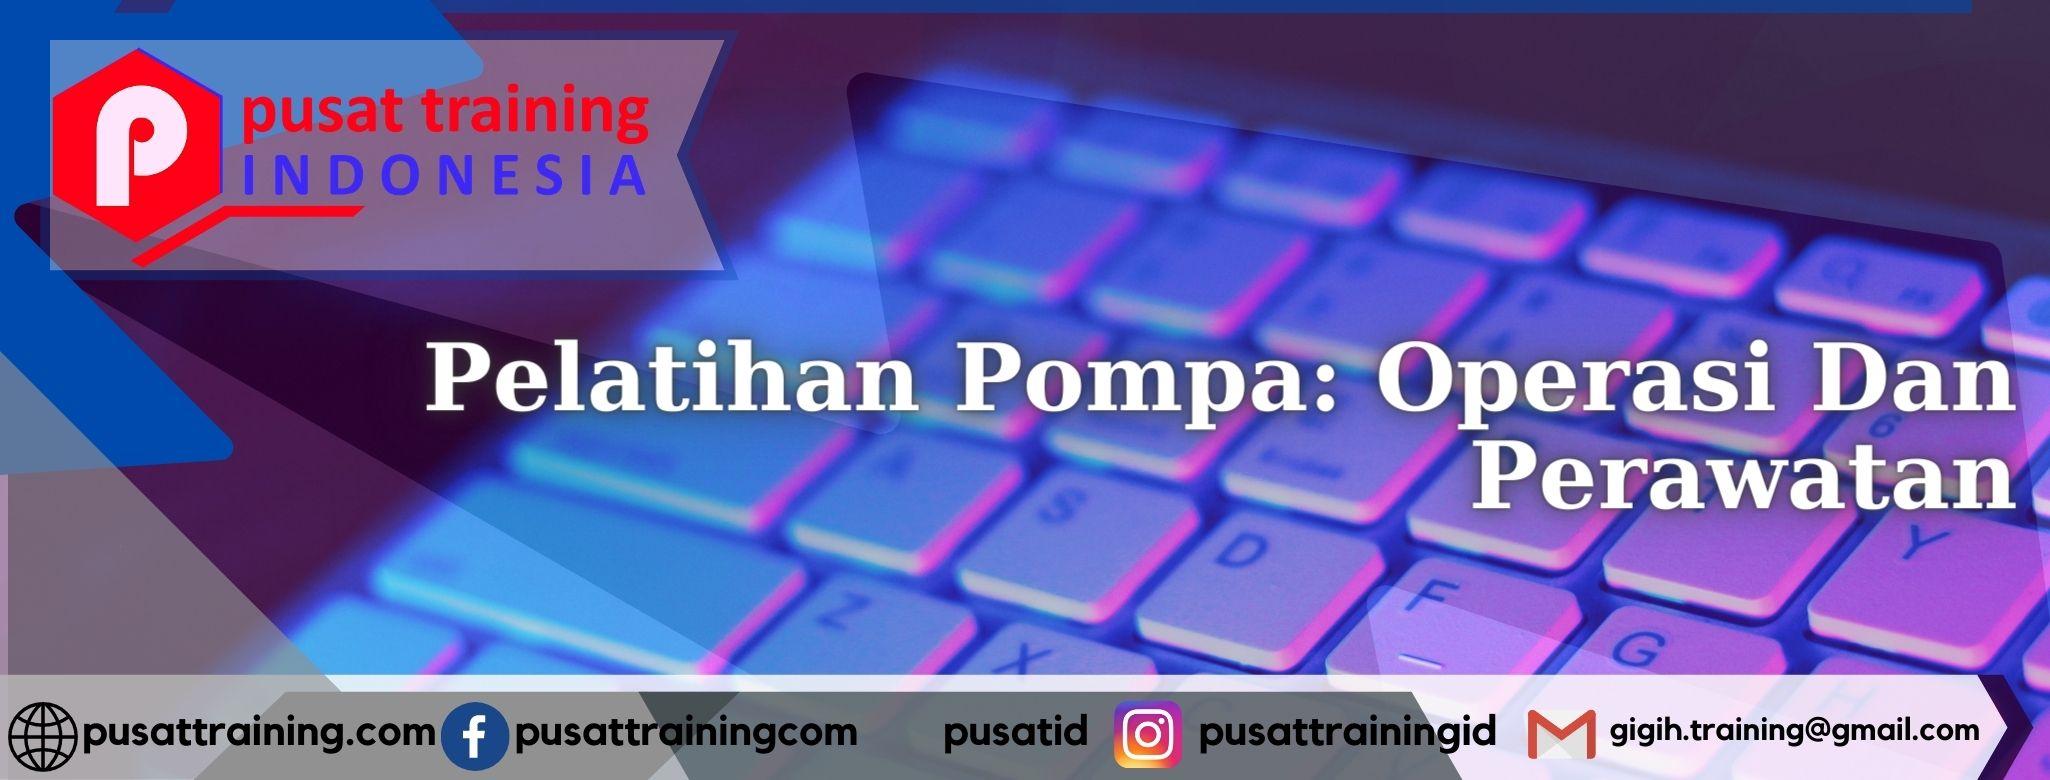 Pelatihan-Pompa_-Operasi-Dan-Perawatan